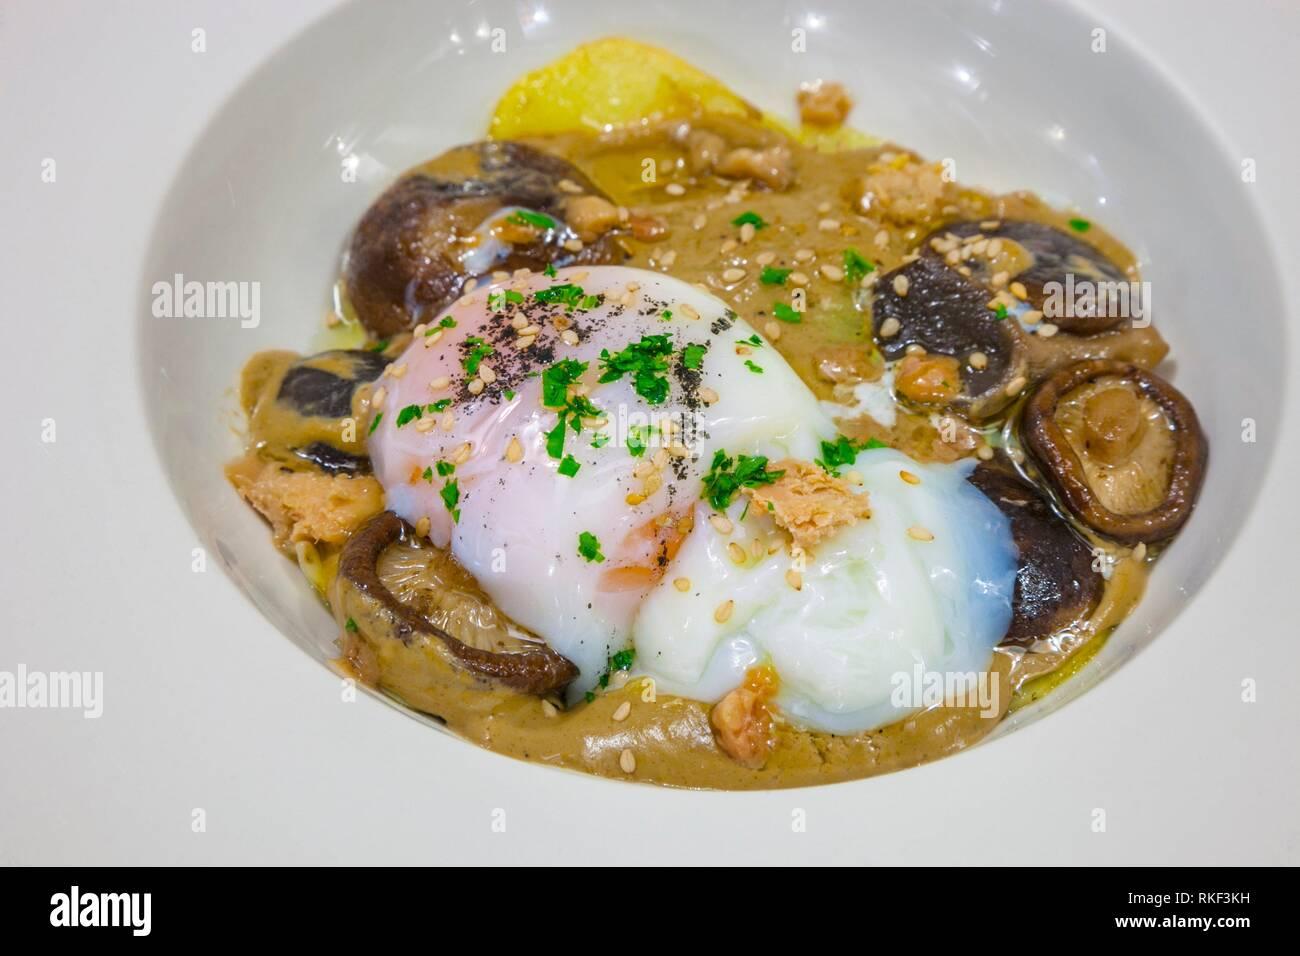 Getrüffelte Ei, béchamel von Pilzen und Foie Toast. Restaurant La Garrocha, Valladolid, Castilla y Leon, Spanien Stockfoto